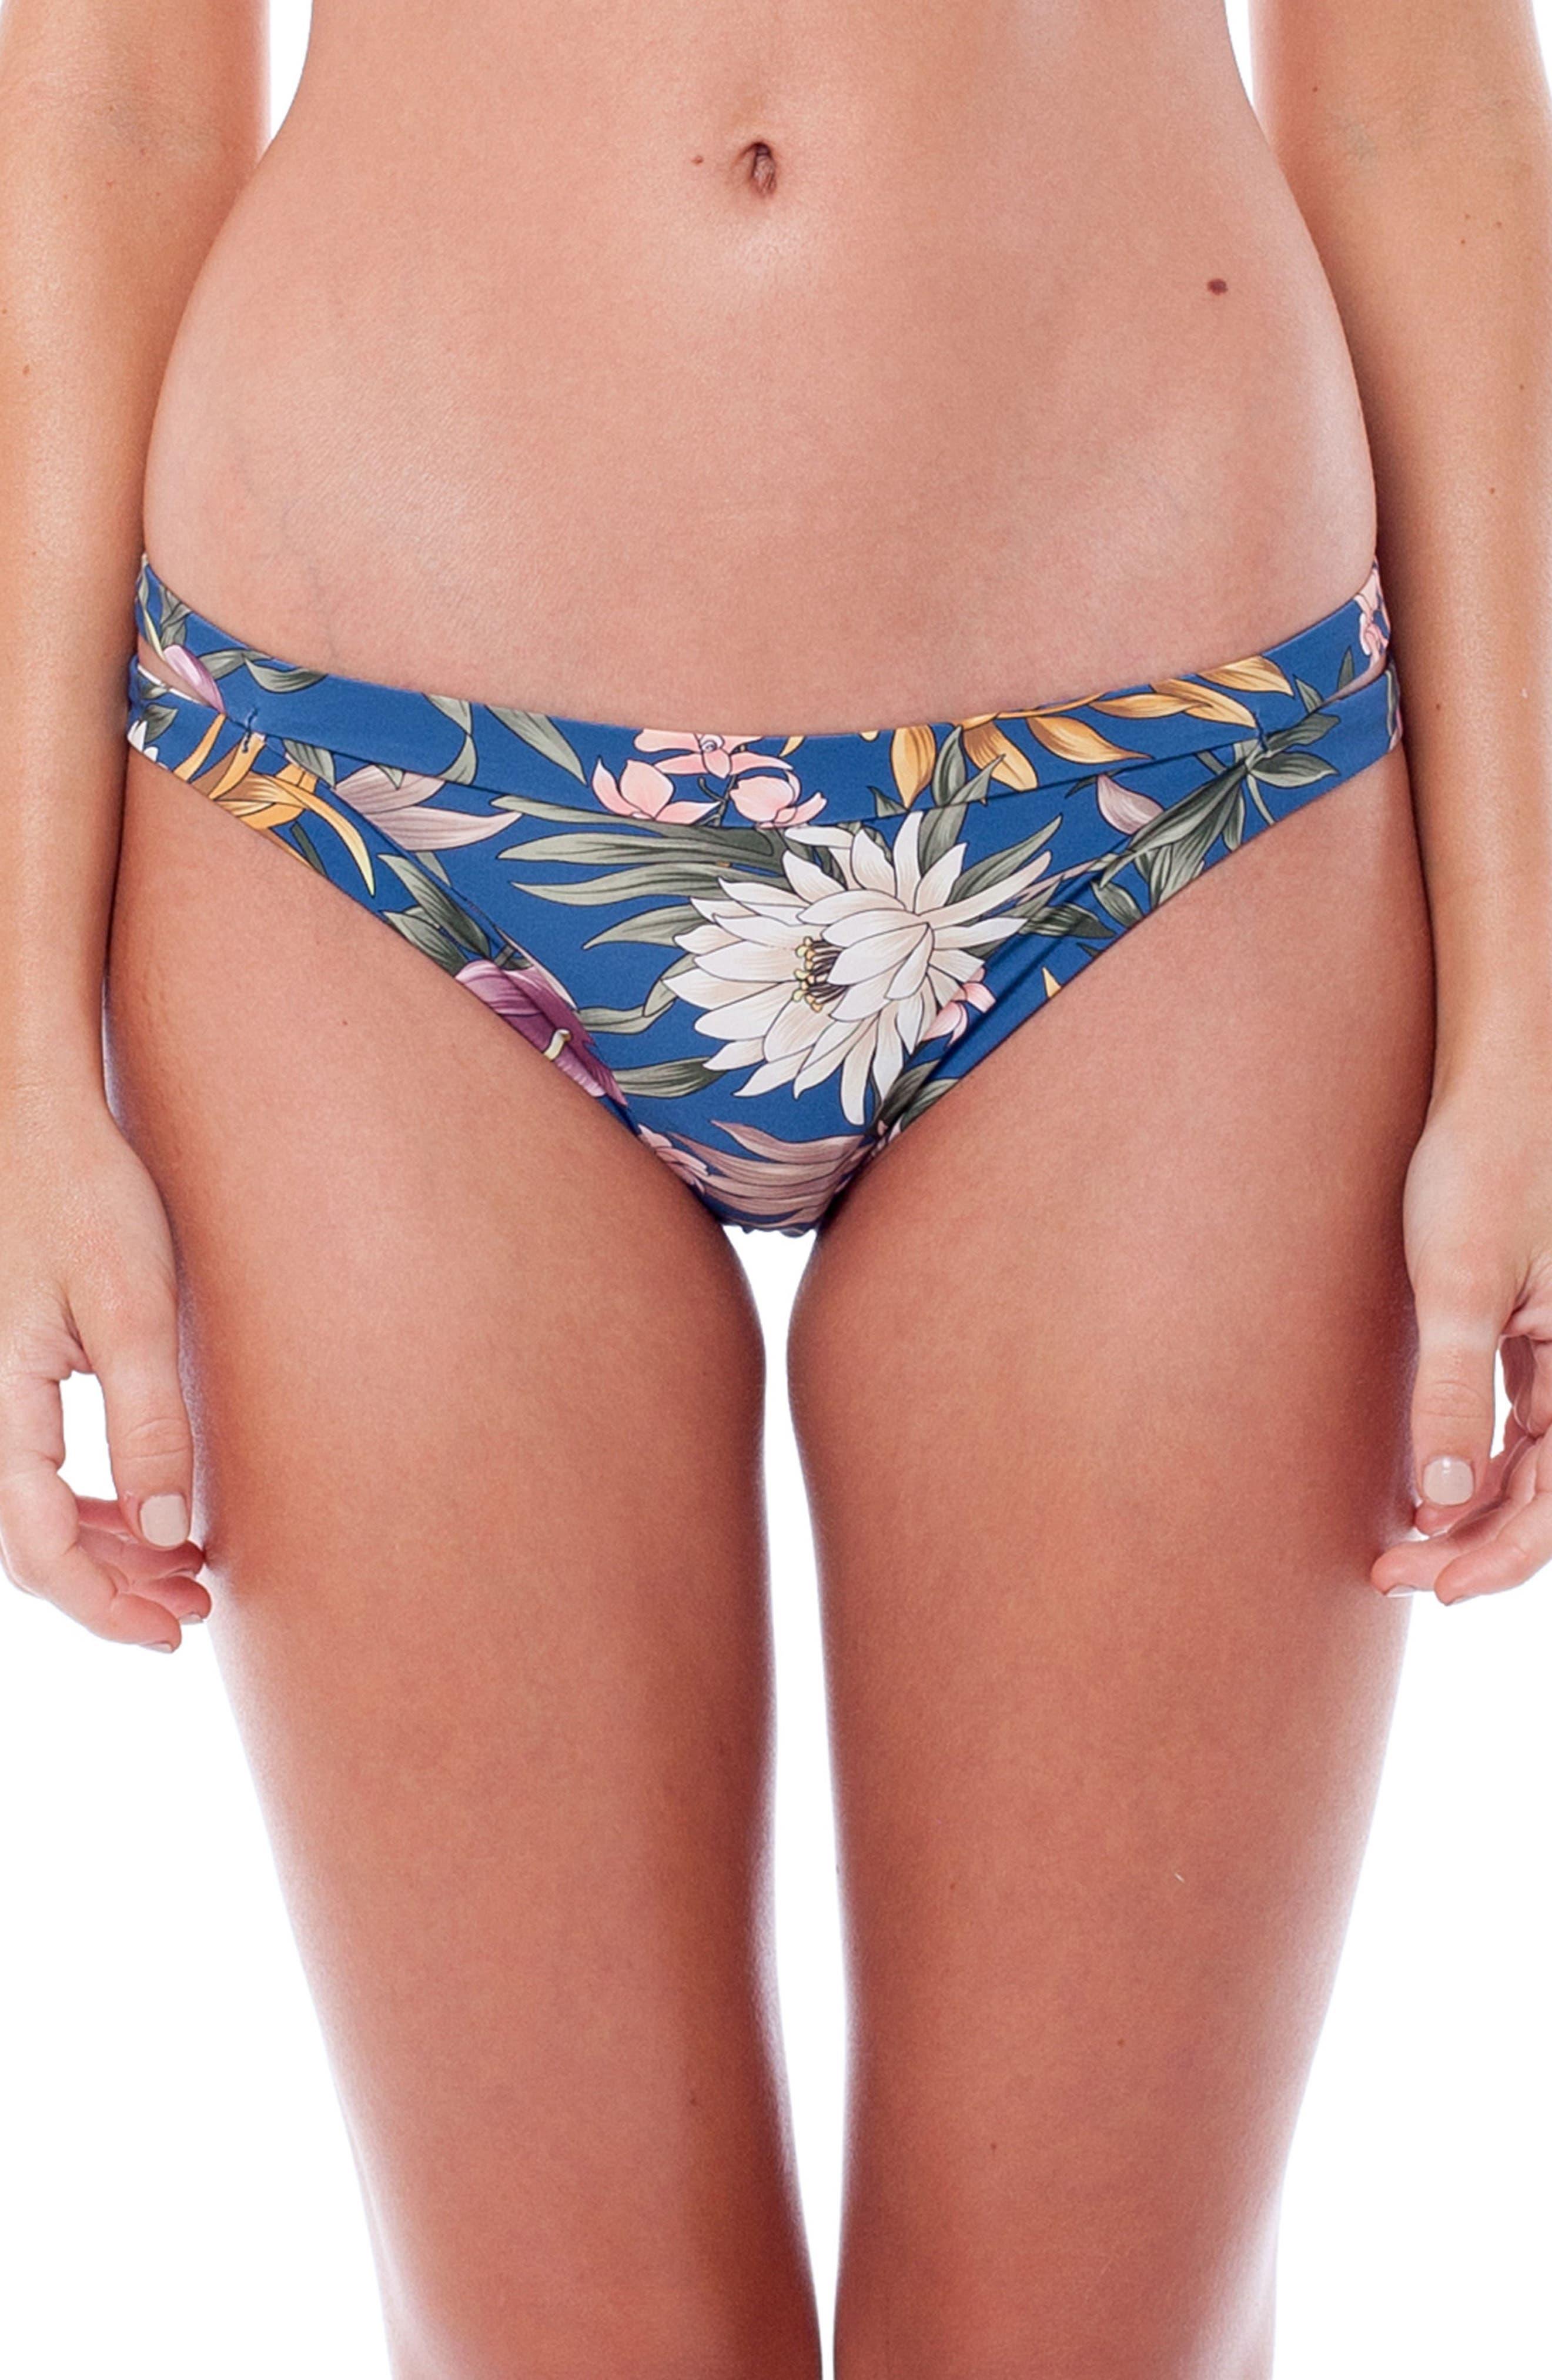 Bermuda Itsy Bikini Bottoms,                         Main,                         color, Sea